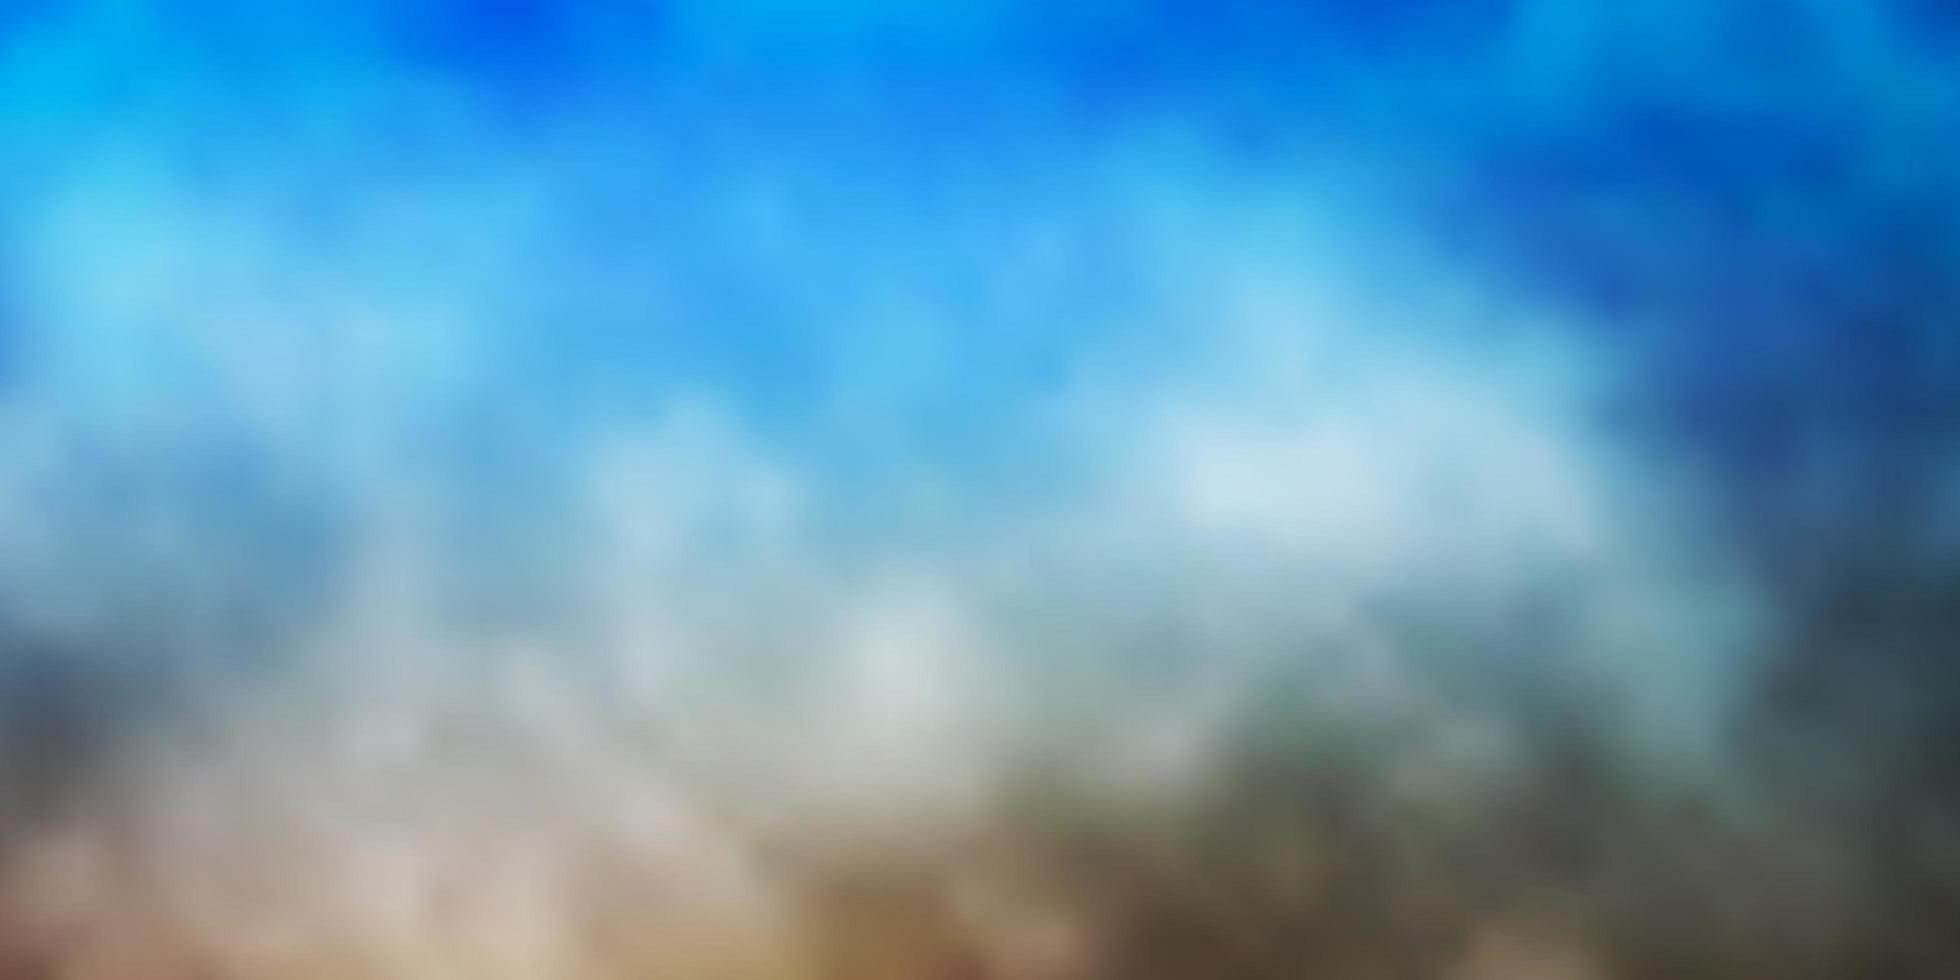 ljusblå, gul bakgrund med cumulus. vektor